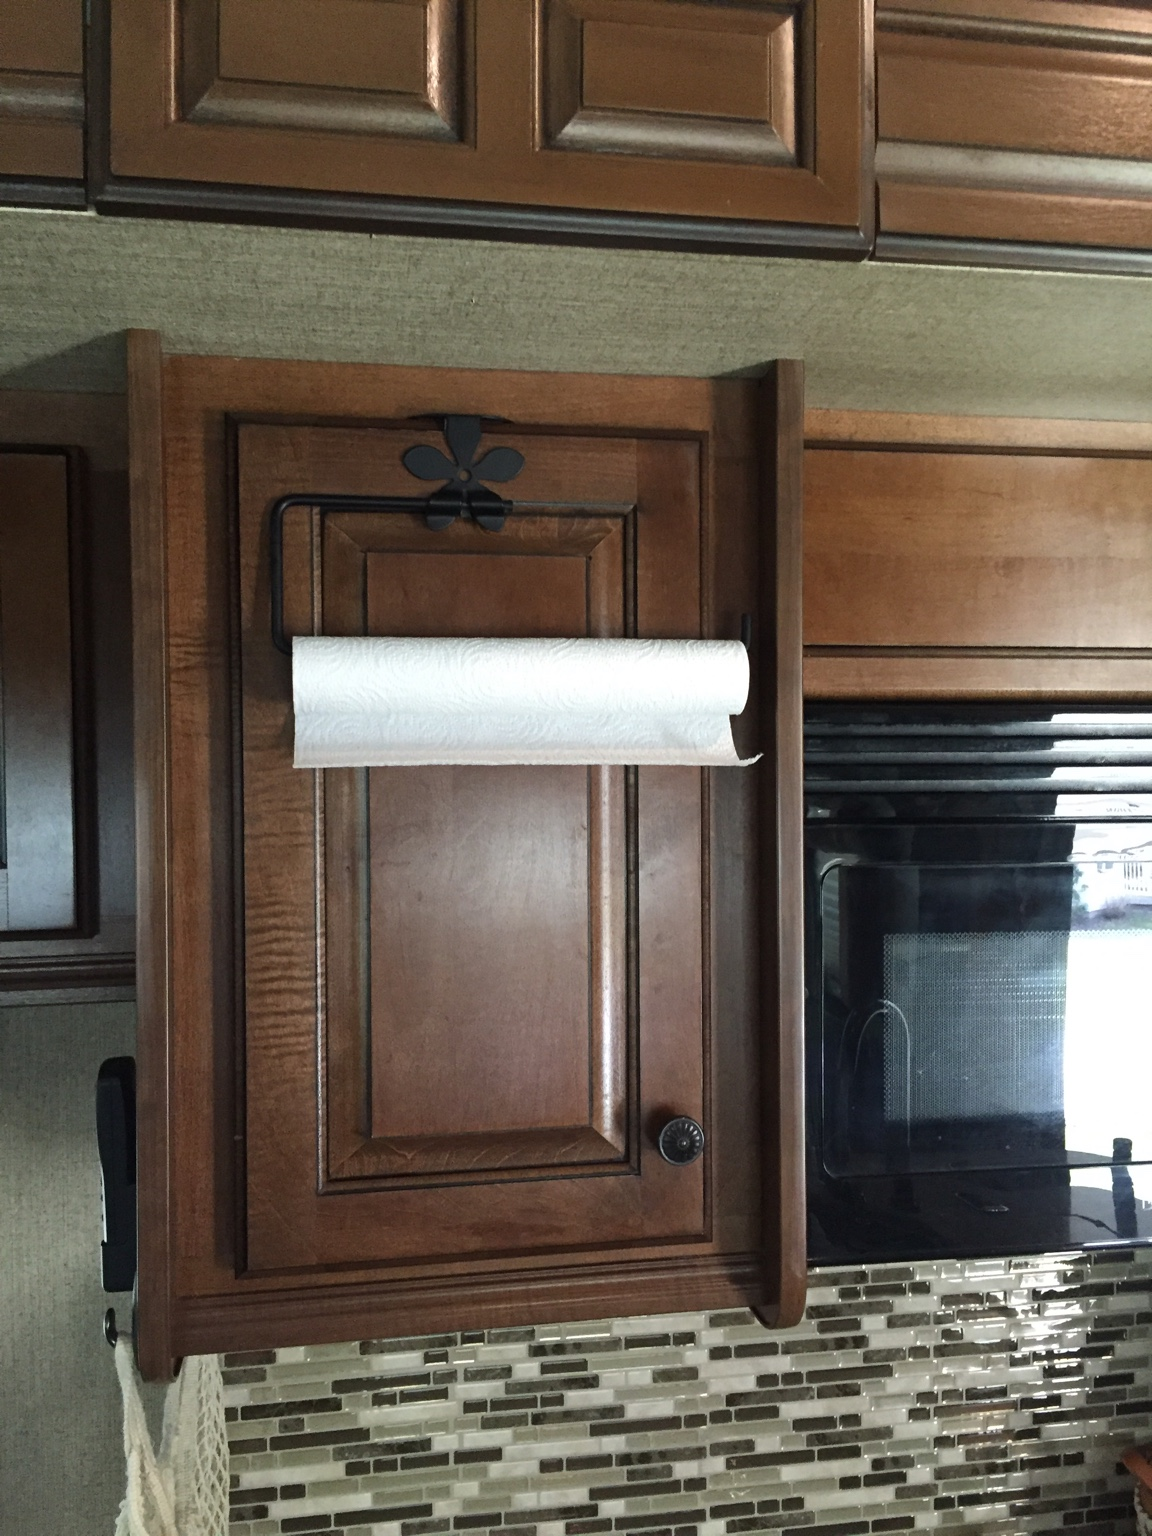 6 Door F350 >> Mounting Paper Towel Holder Under Upper Cabinet